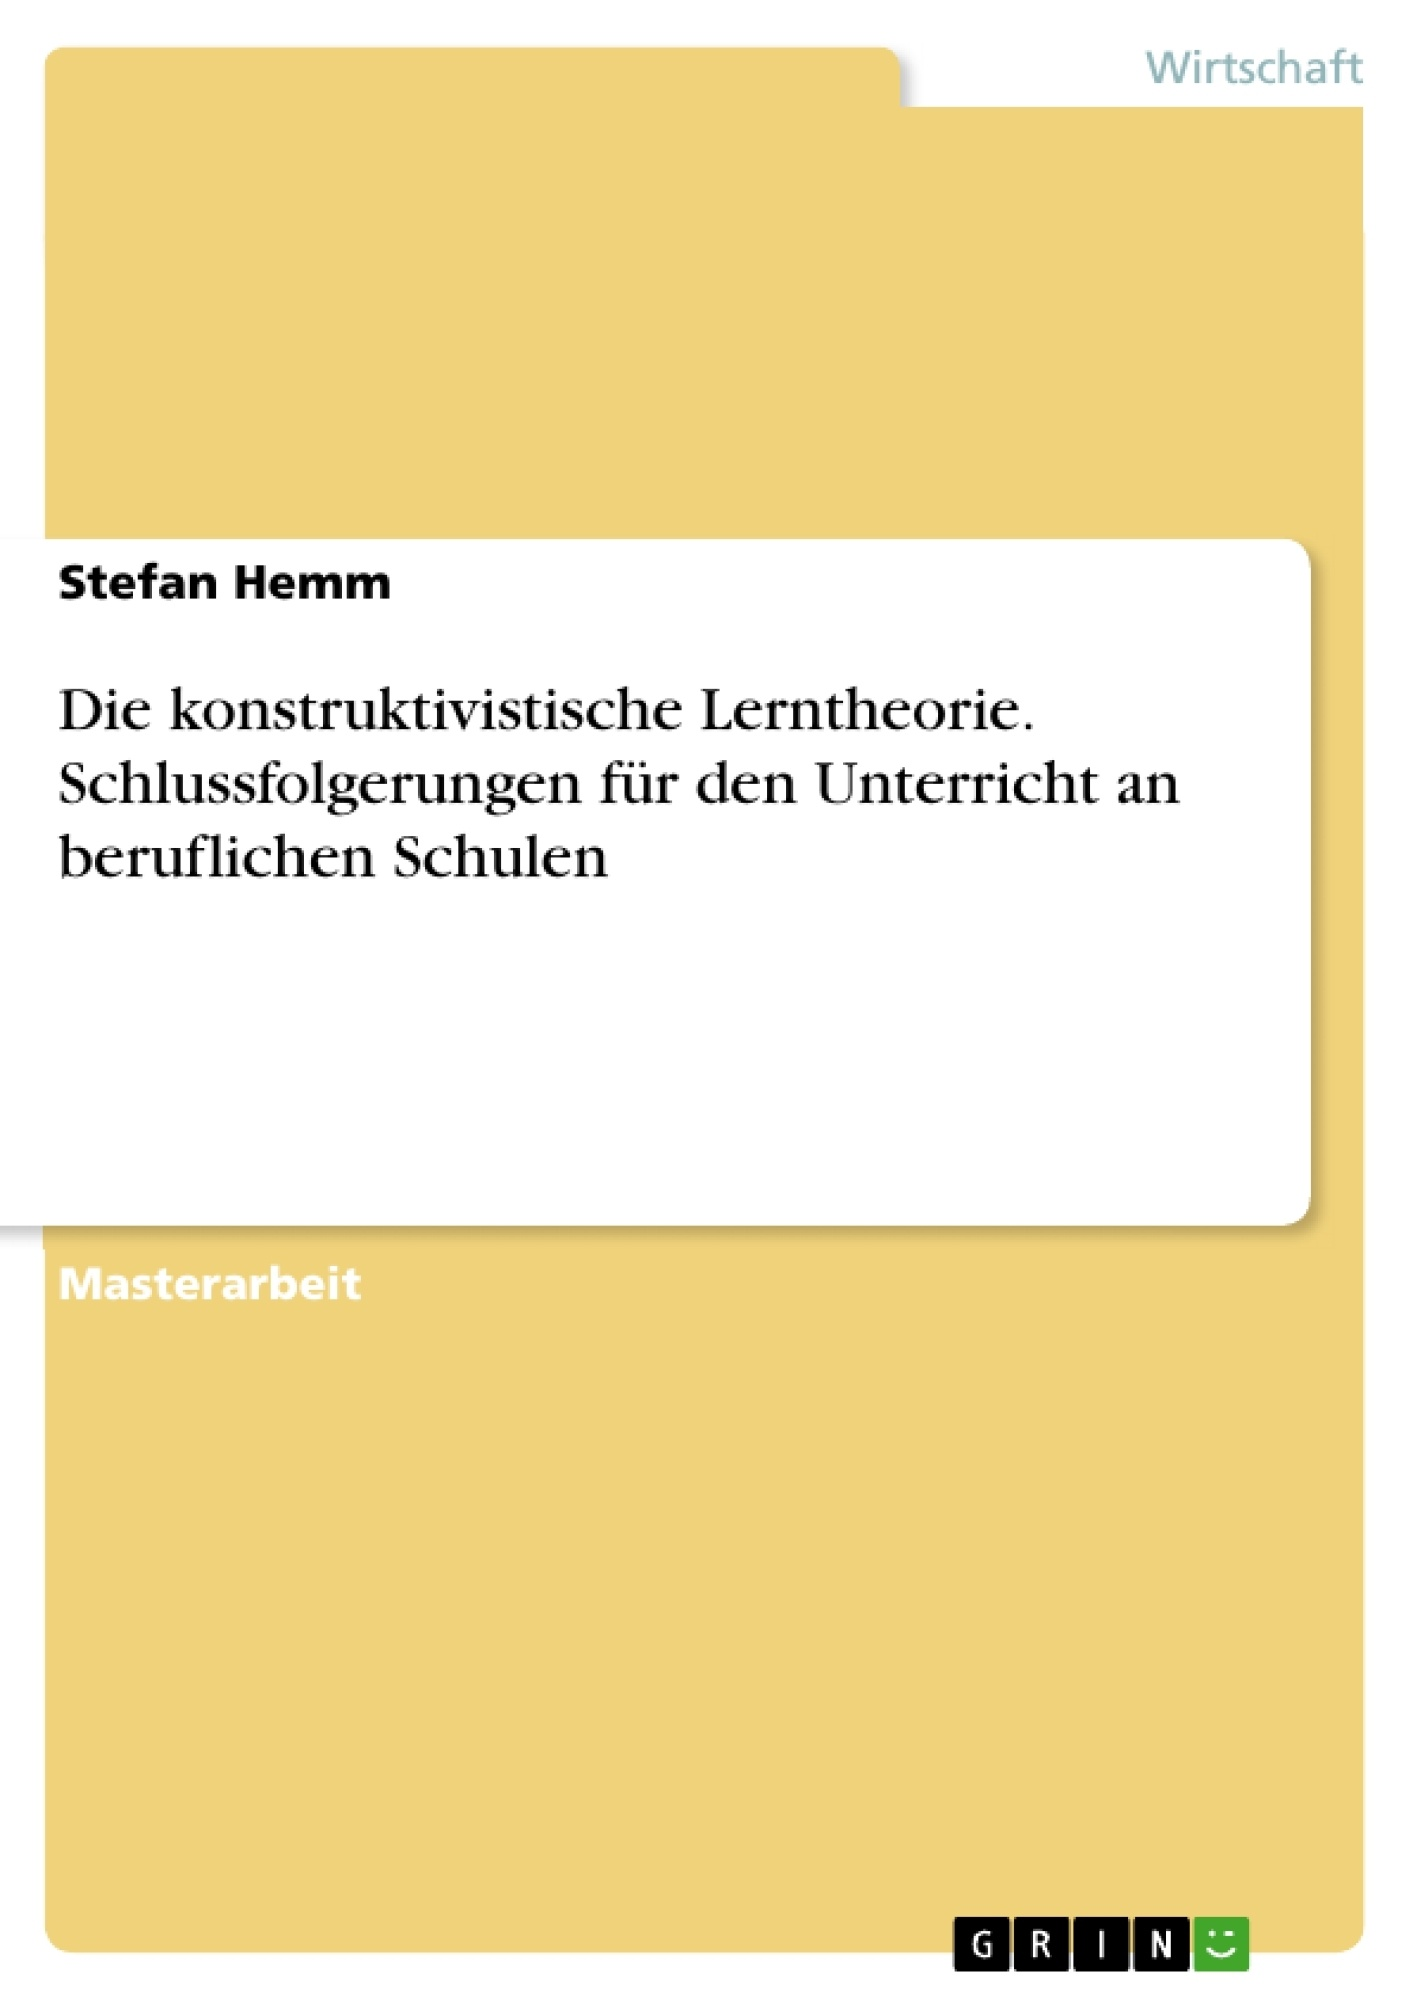 Titel: Die konstruktivistische Lerntheorie. Schlussfolgerungen für den Unterricht an beruflichen Schulen